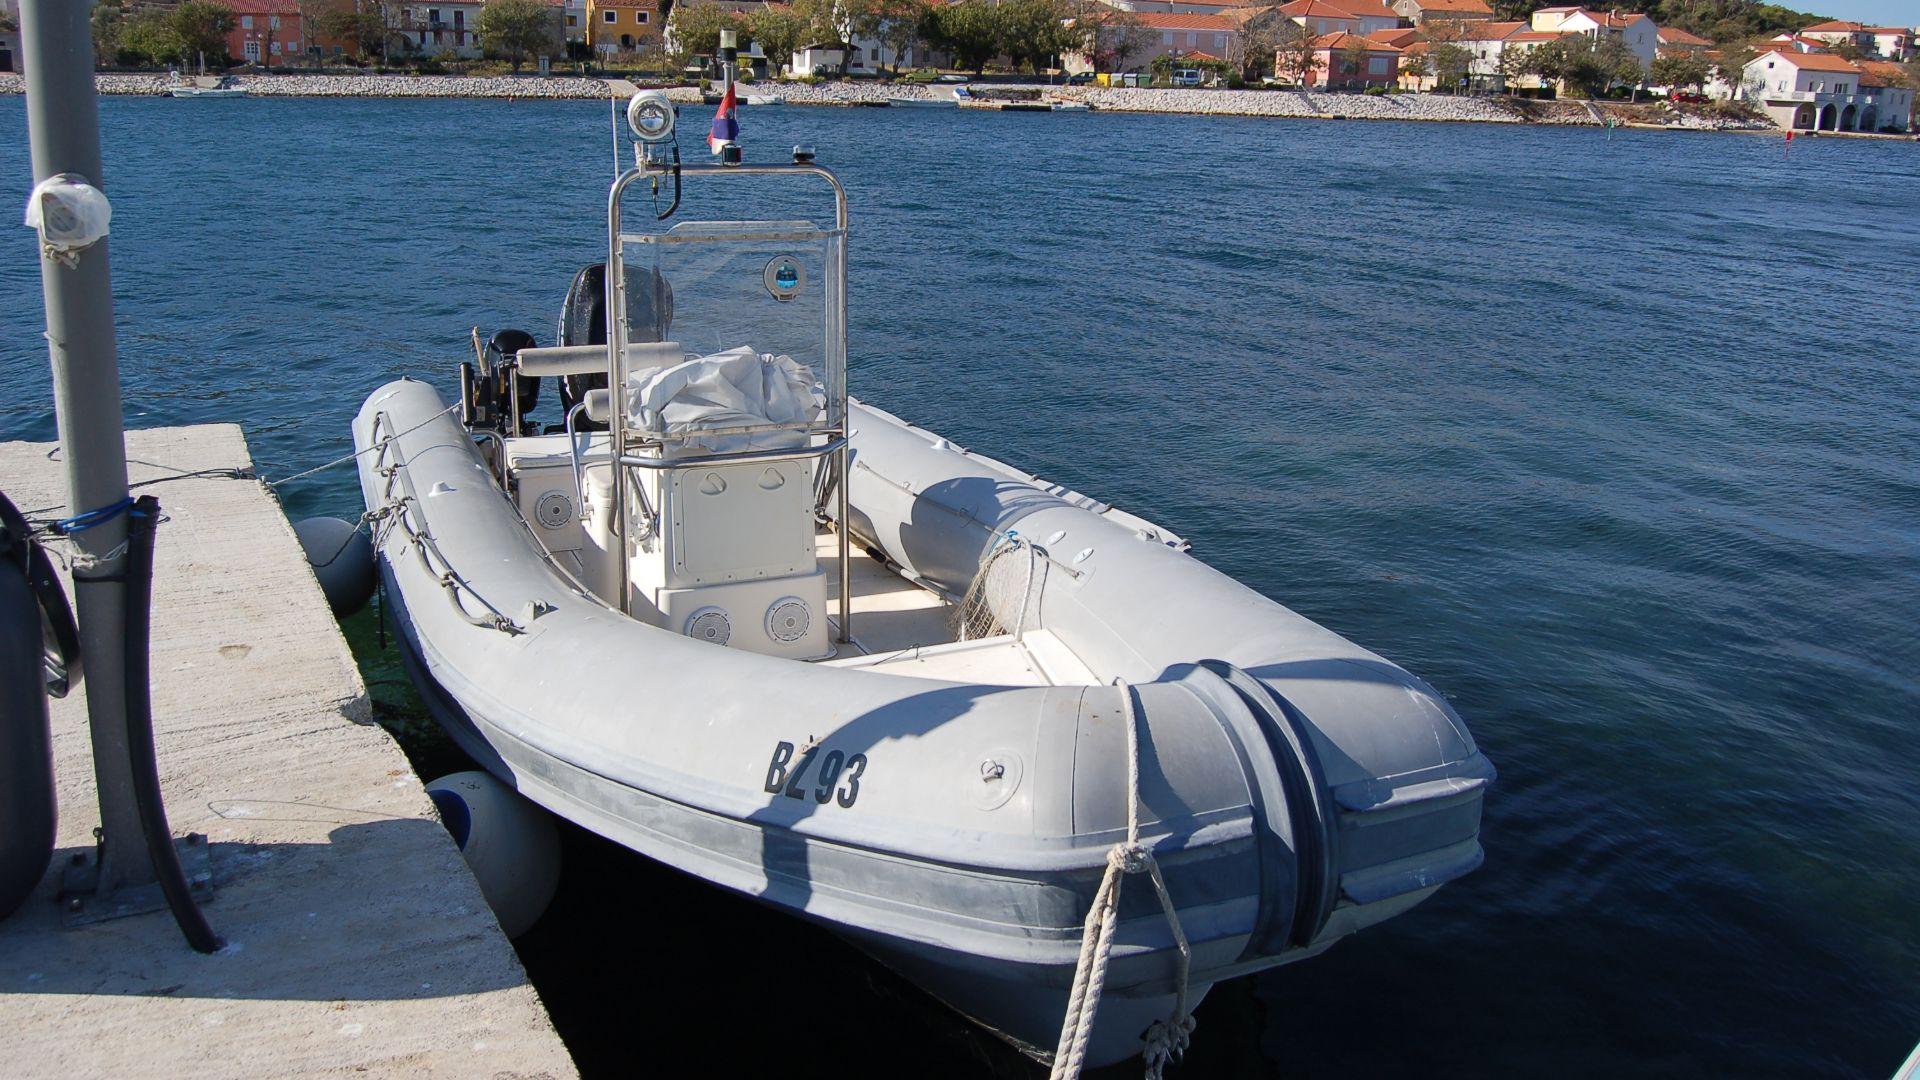 boat-rental-dugi-otok (3)